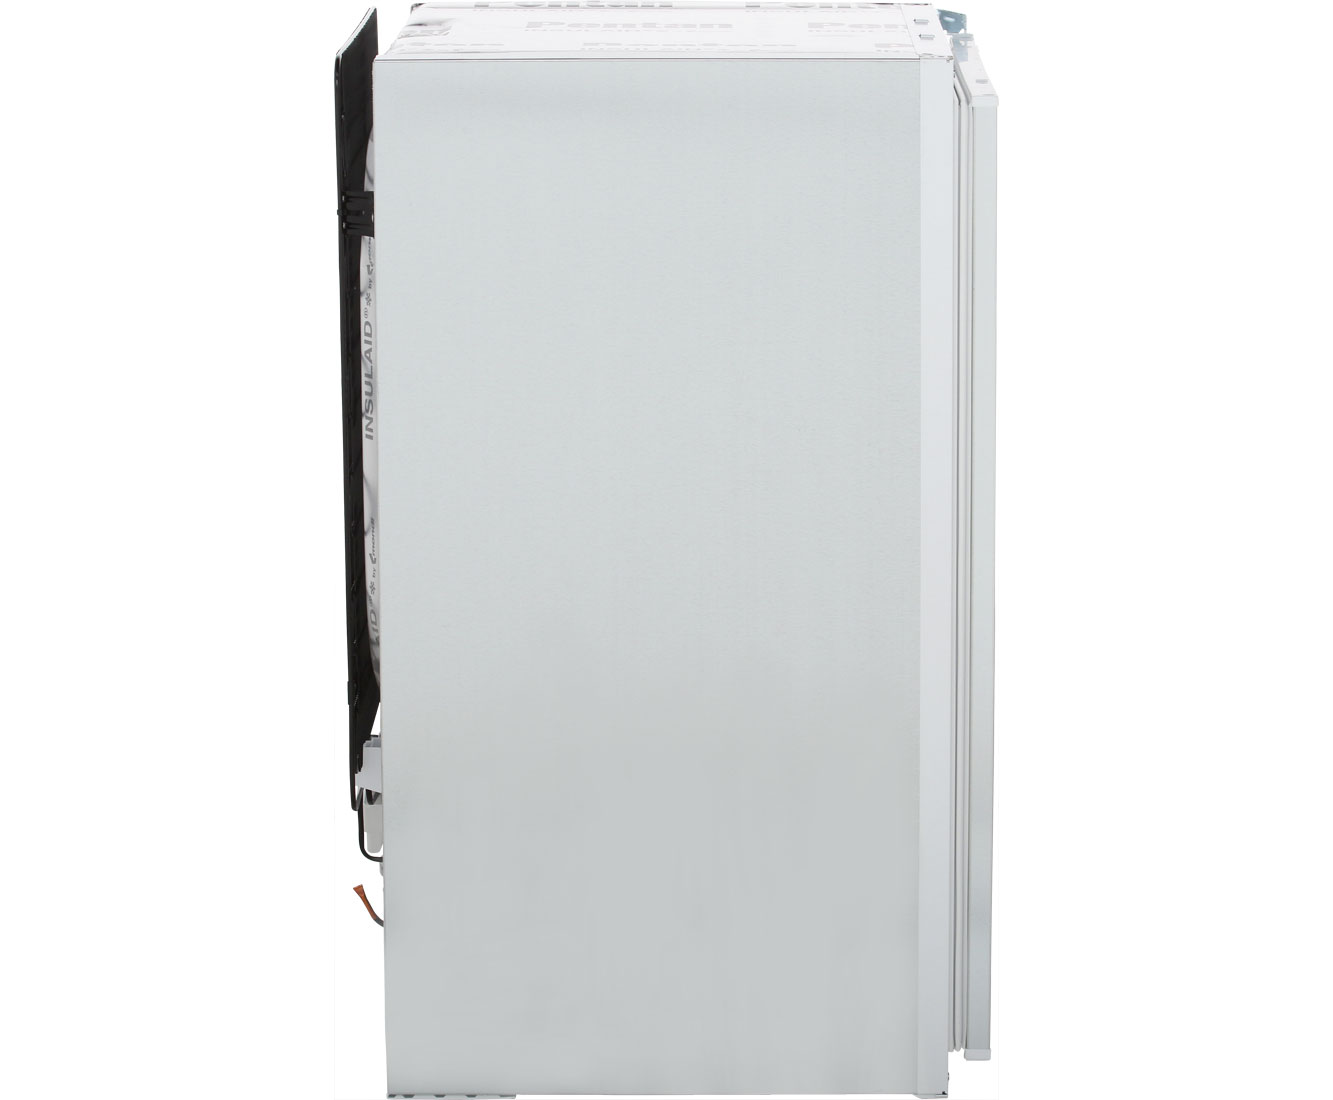 Siemens Kühlschrank Retro : Siemens ki rv einbau kühlschrank er nische schlepptür